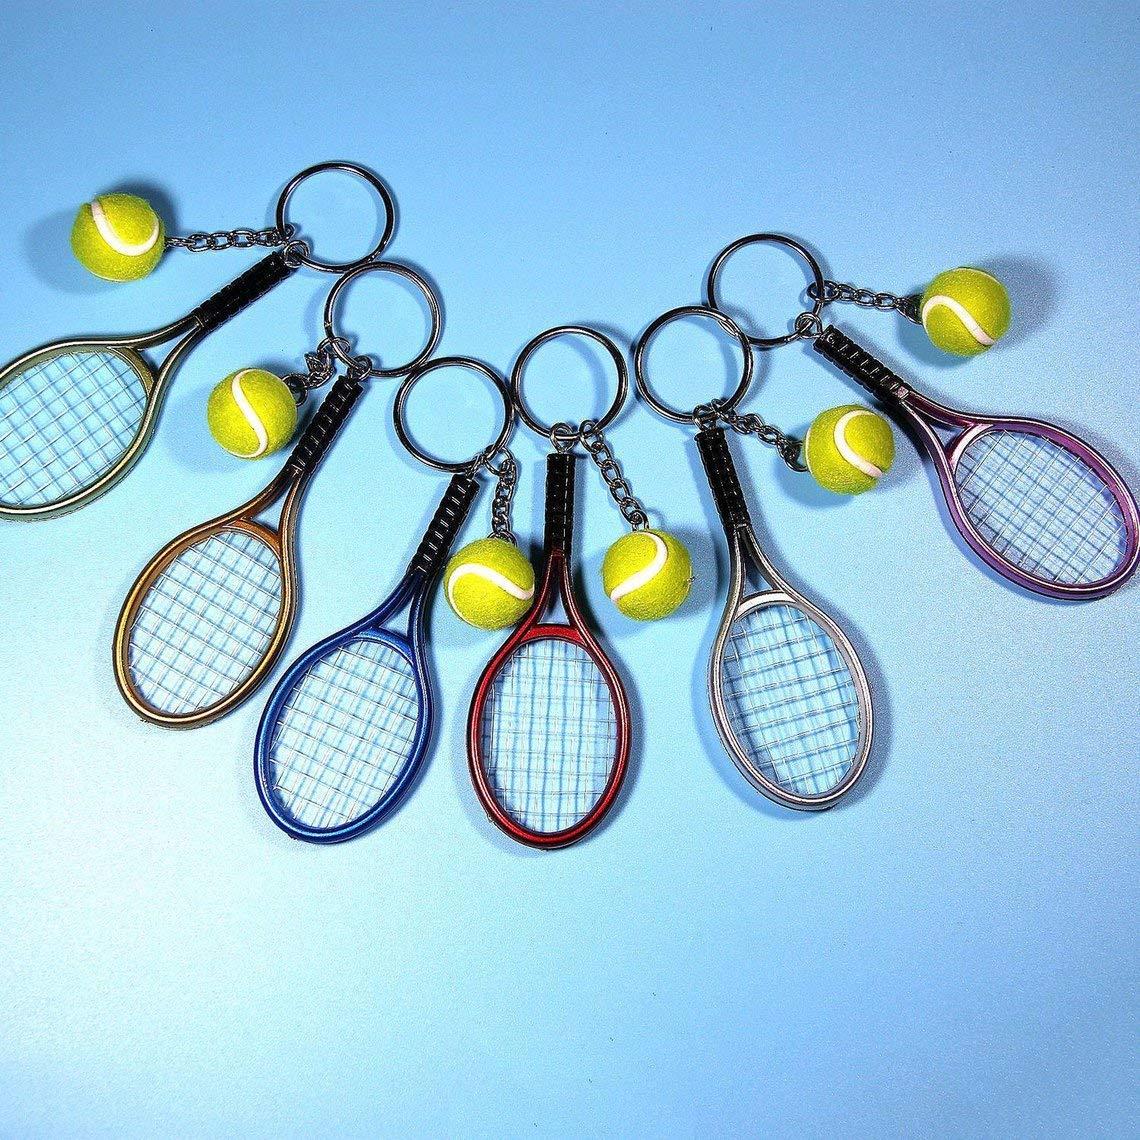 Zinniaya Moda Mini Raqueta de Tenis Colgante Llavero Llavero Llavero buscador de Anillo Accesorios de Holer para Regalos del d/ía del Amante